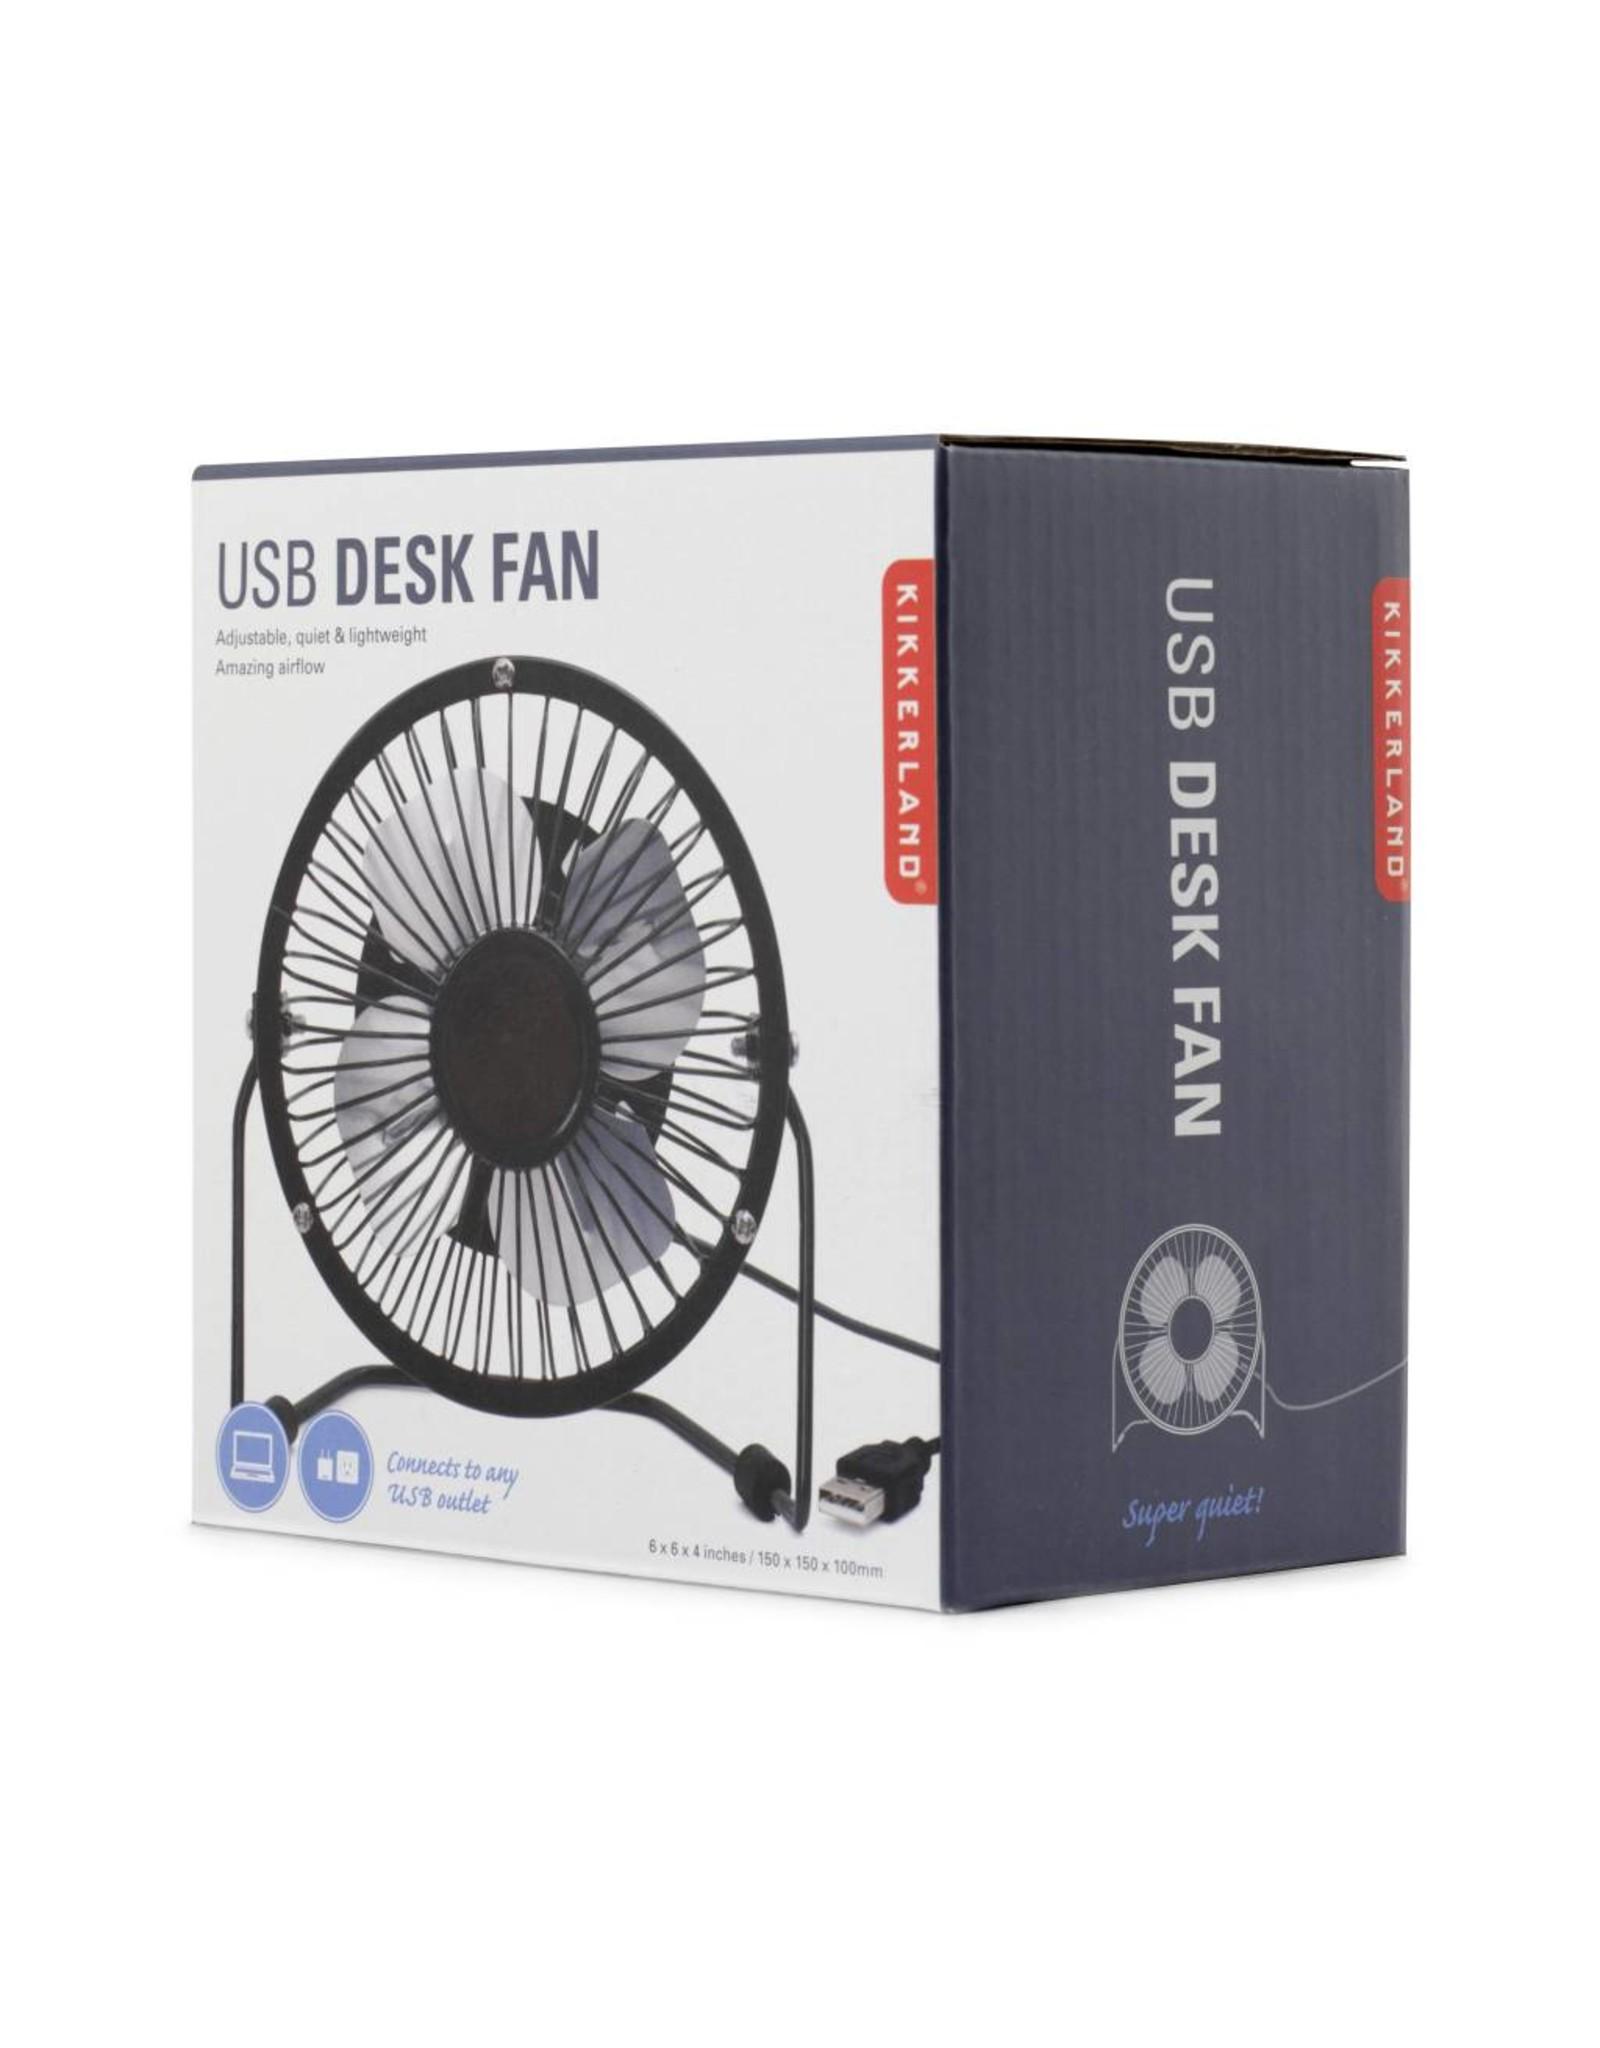 desk fan - USB (black)